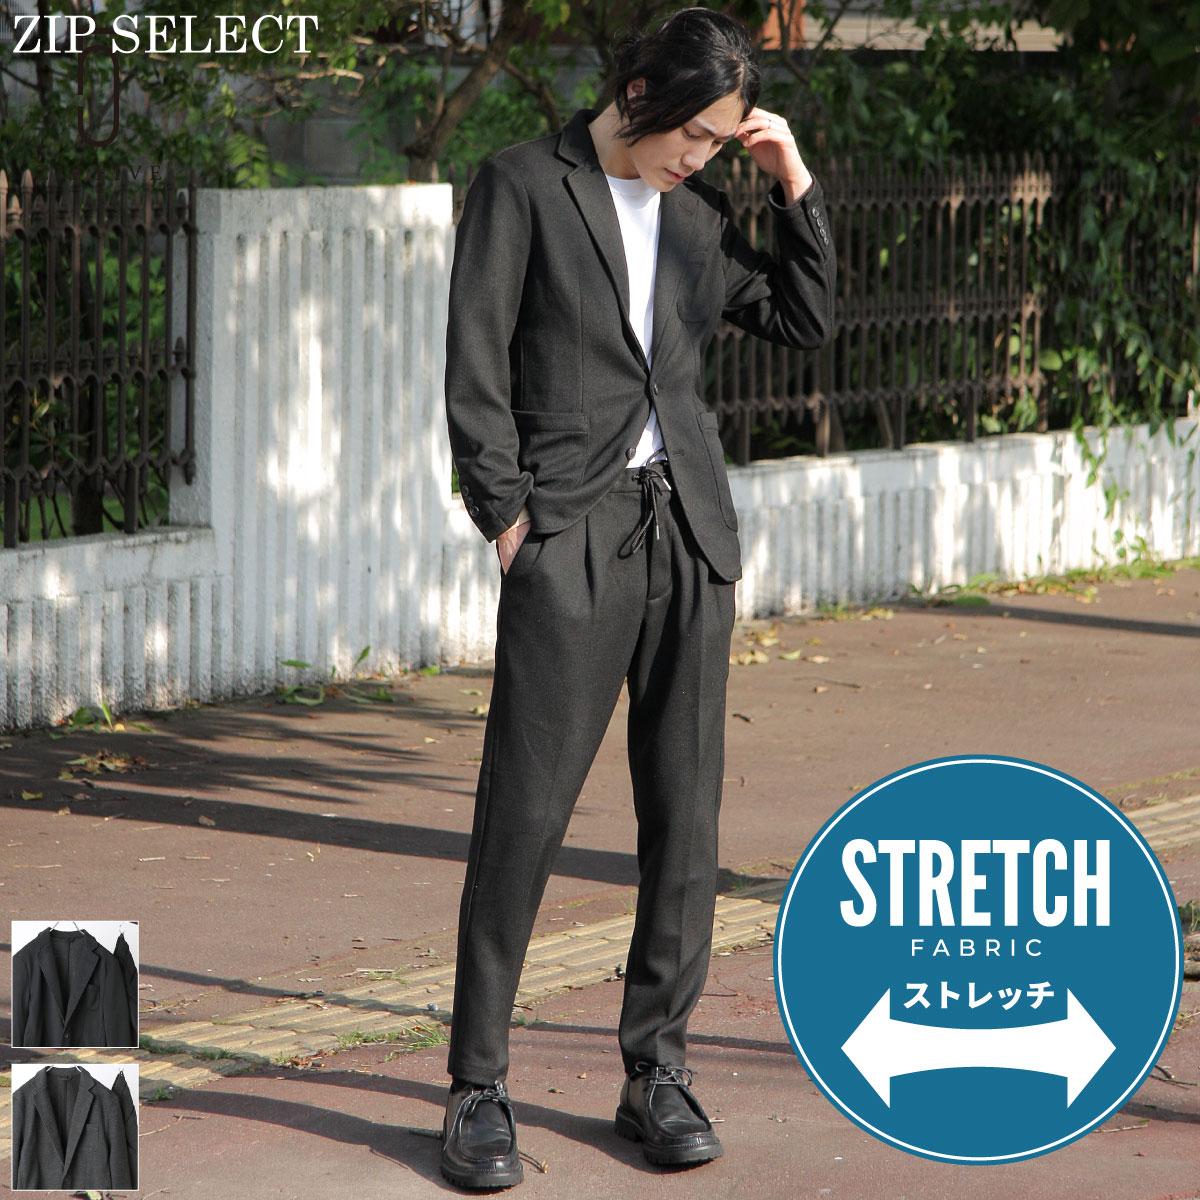 ZIP Select 2WAYストレッチポリニットキャンバスセットアップ 超人気 セットアップ メンズ スラックス スーツ アンクルカット ストレッチ kd-setup005 テーラードジャケット 販売期間 限定のお得なタイムセール ジップ